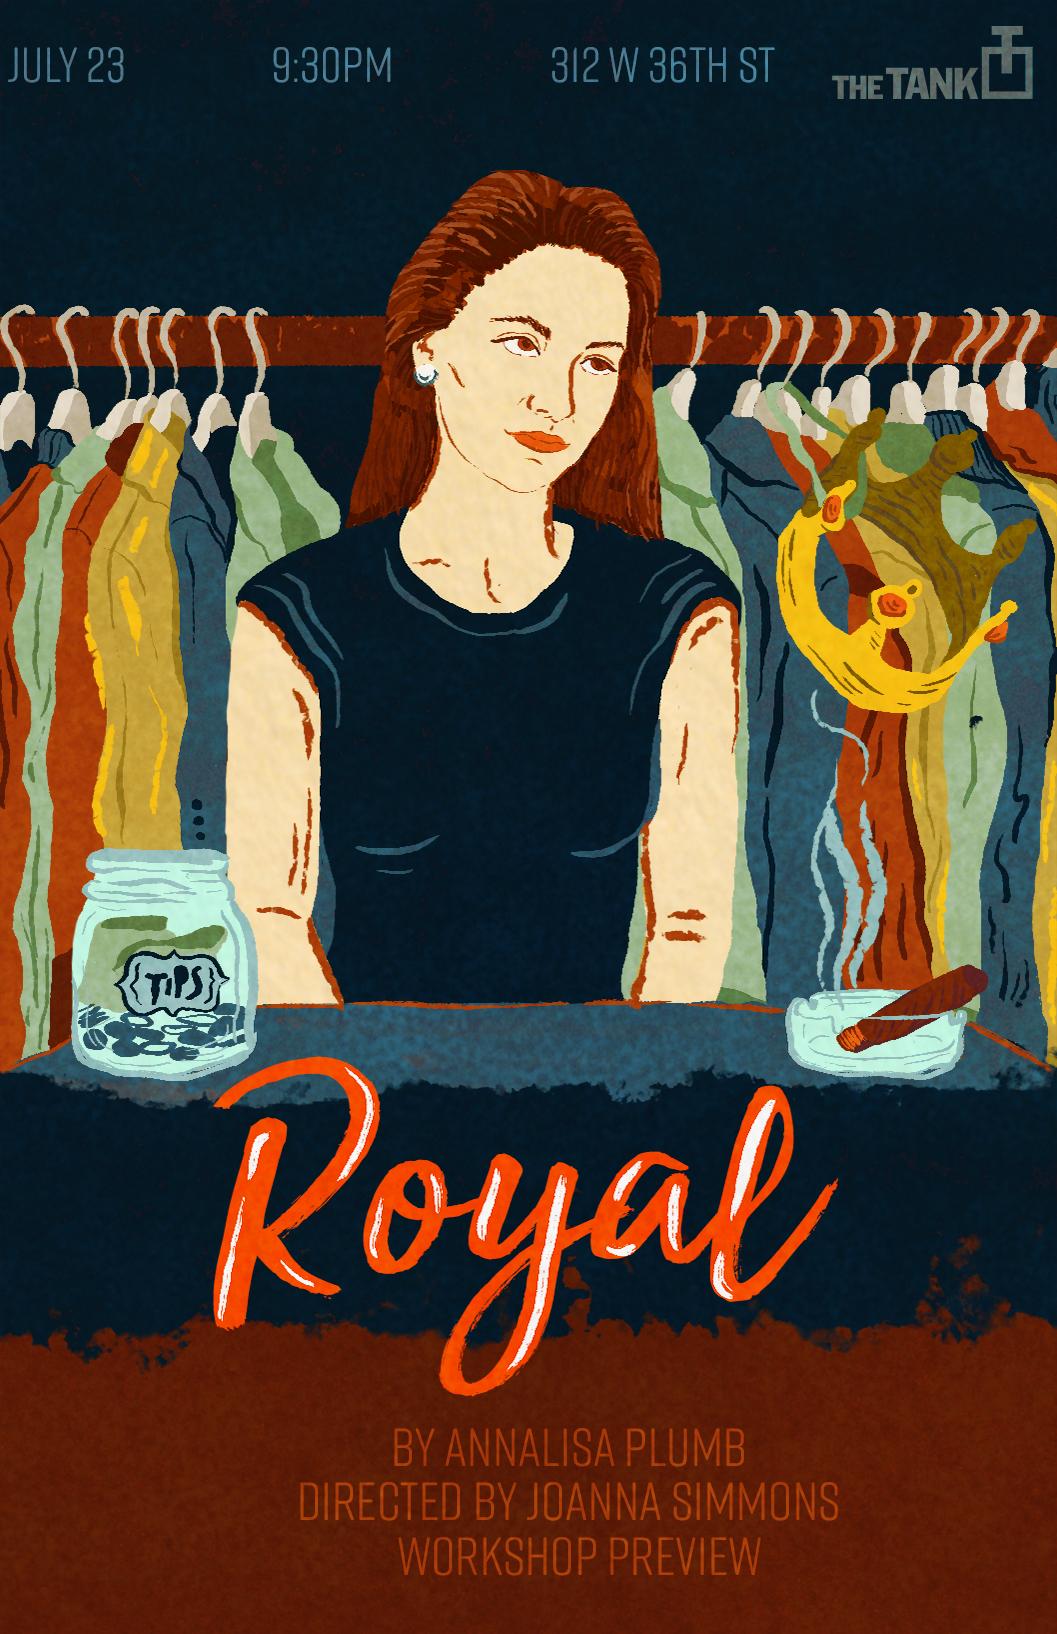 Royal Poser_11x17 - Annalisa Plumb.jpg